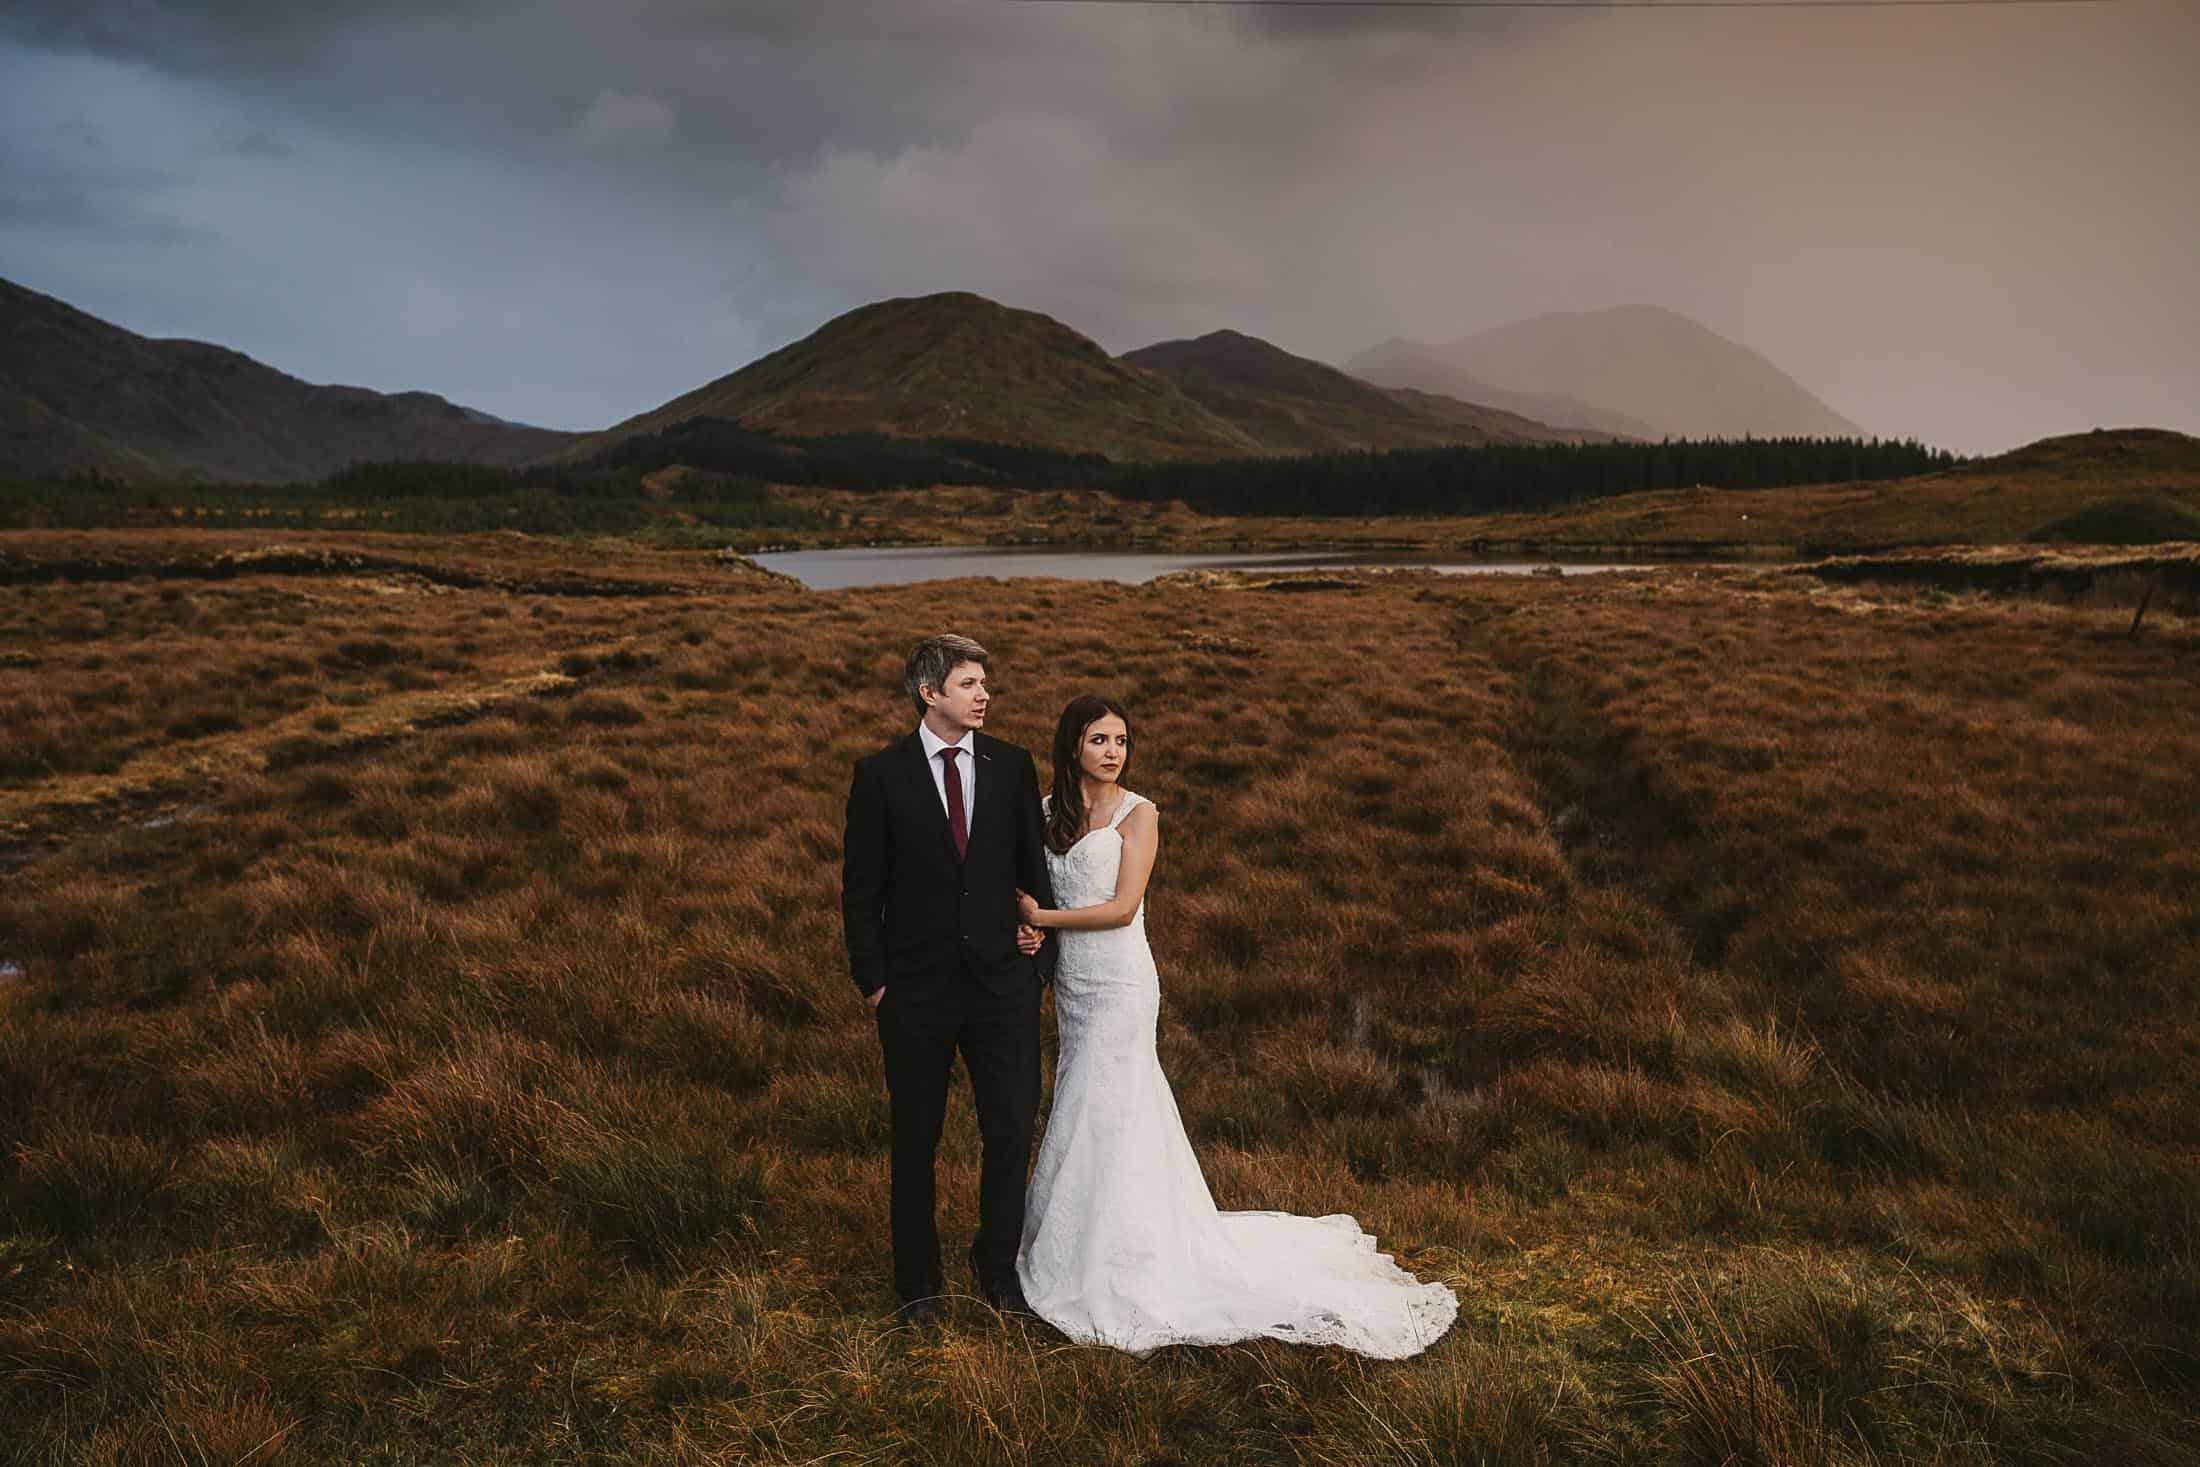 Destination Weddings Ireland Connemara Rustic Tones